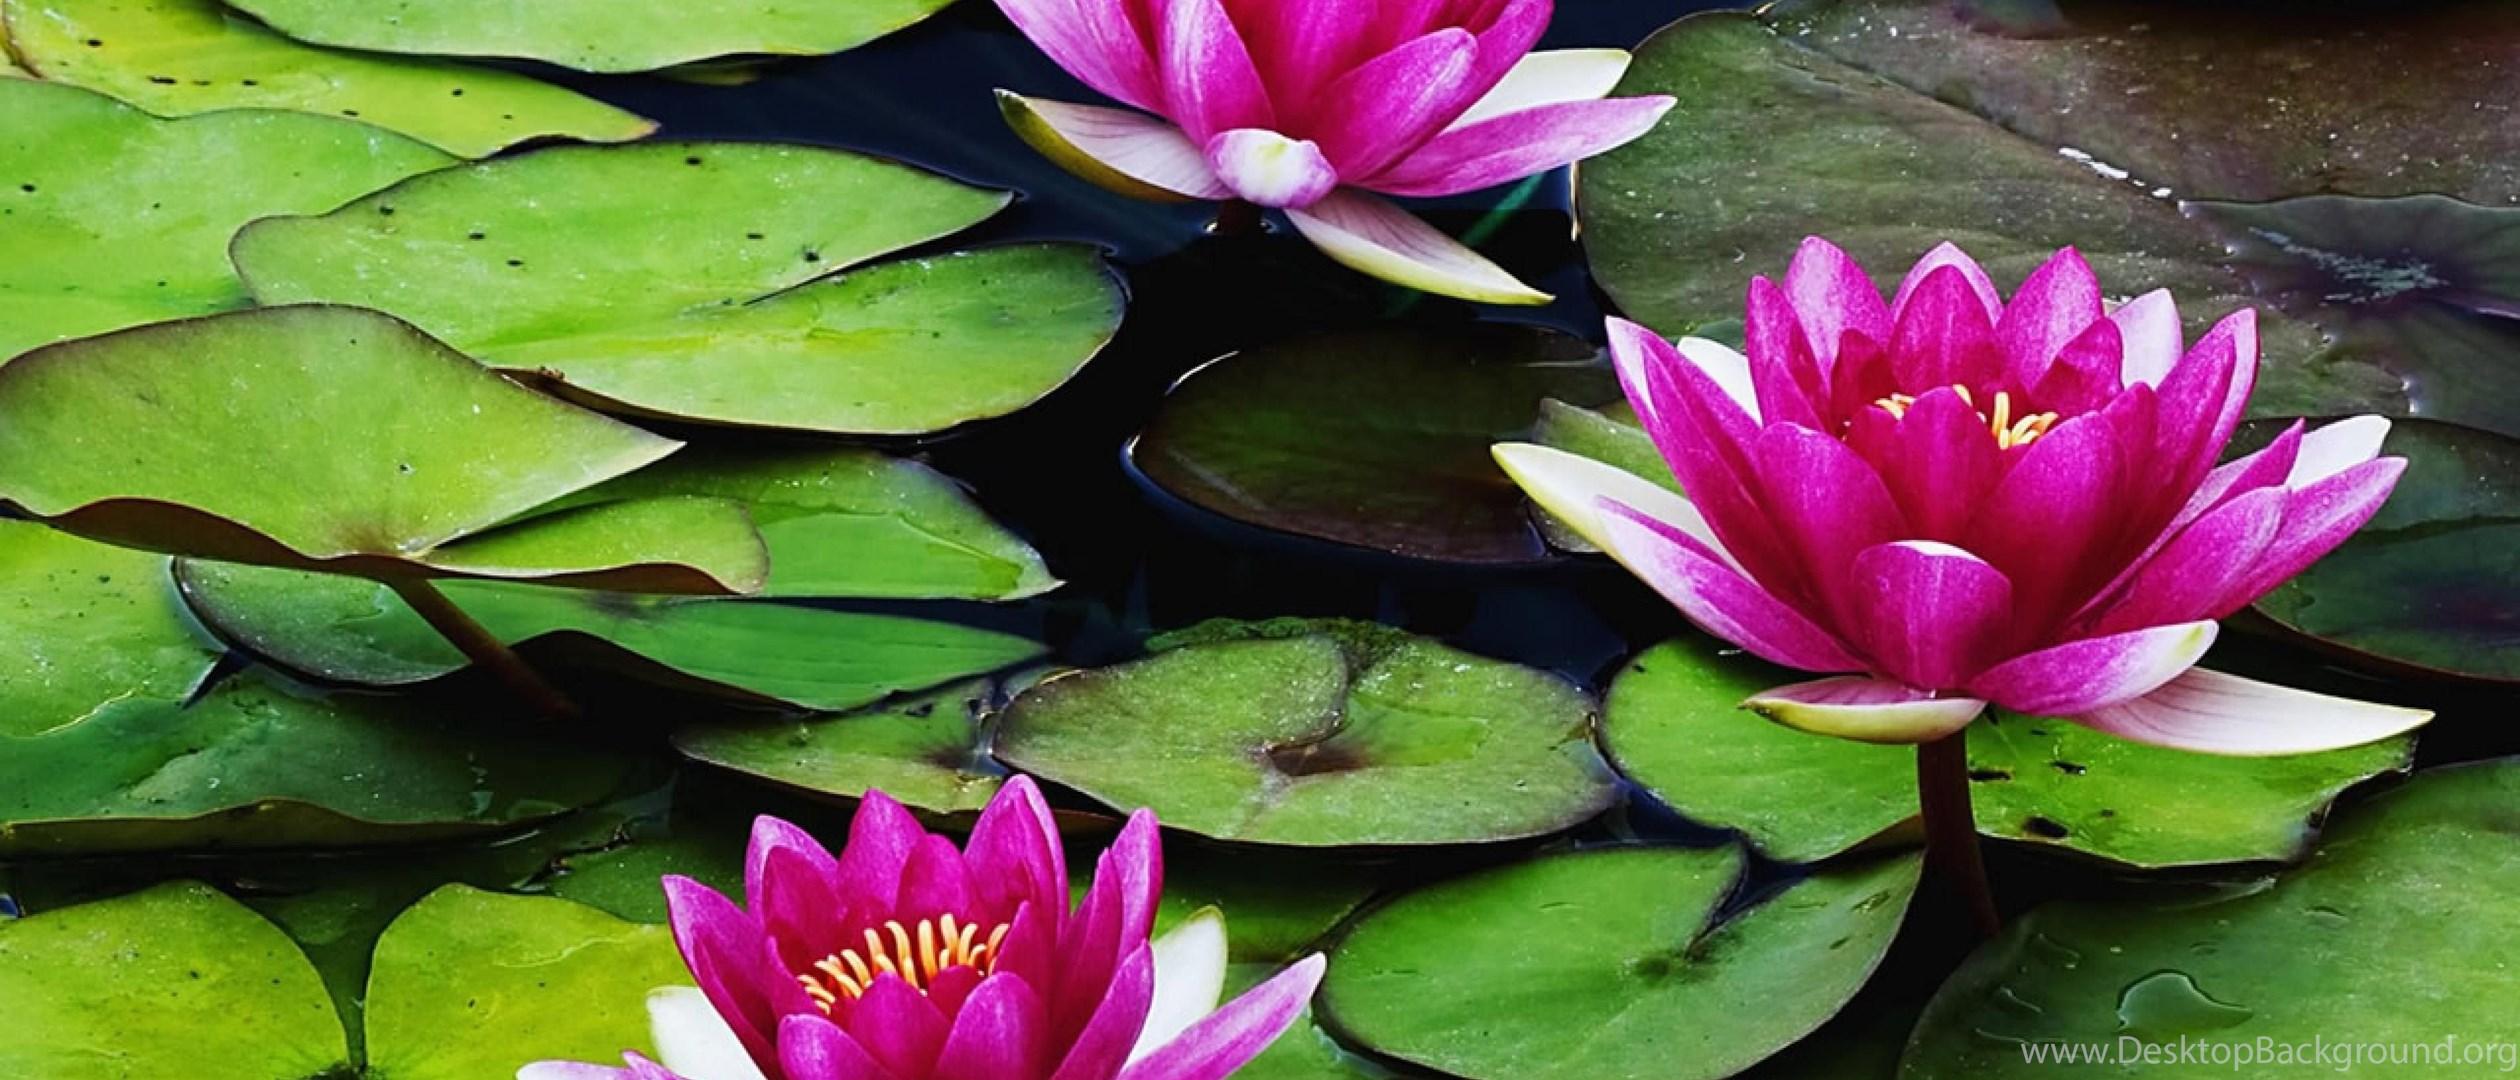 Water Lily Flower Wallpapers Hd Of Beautiful Lotus Flowers Desktop